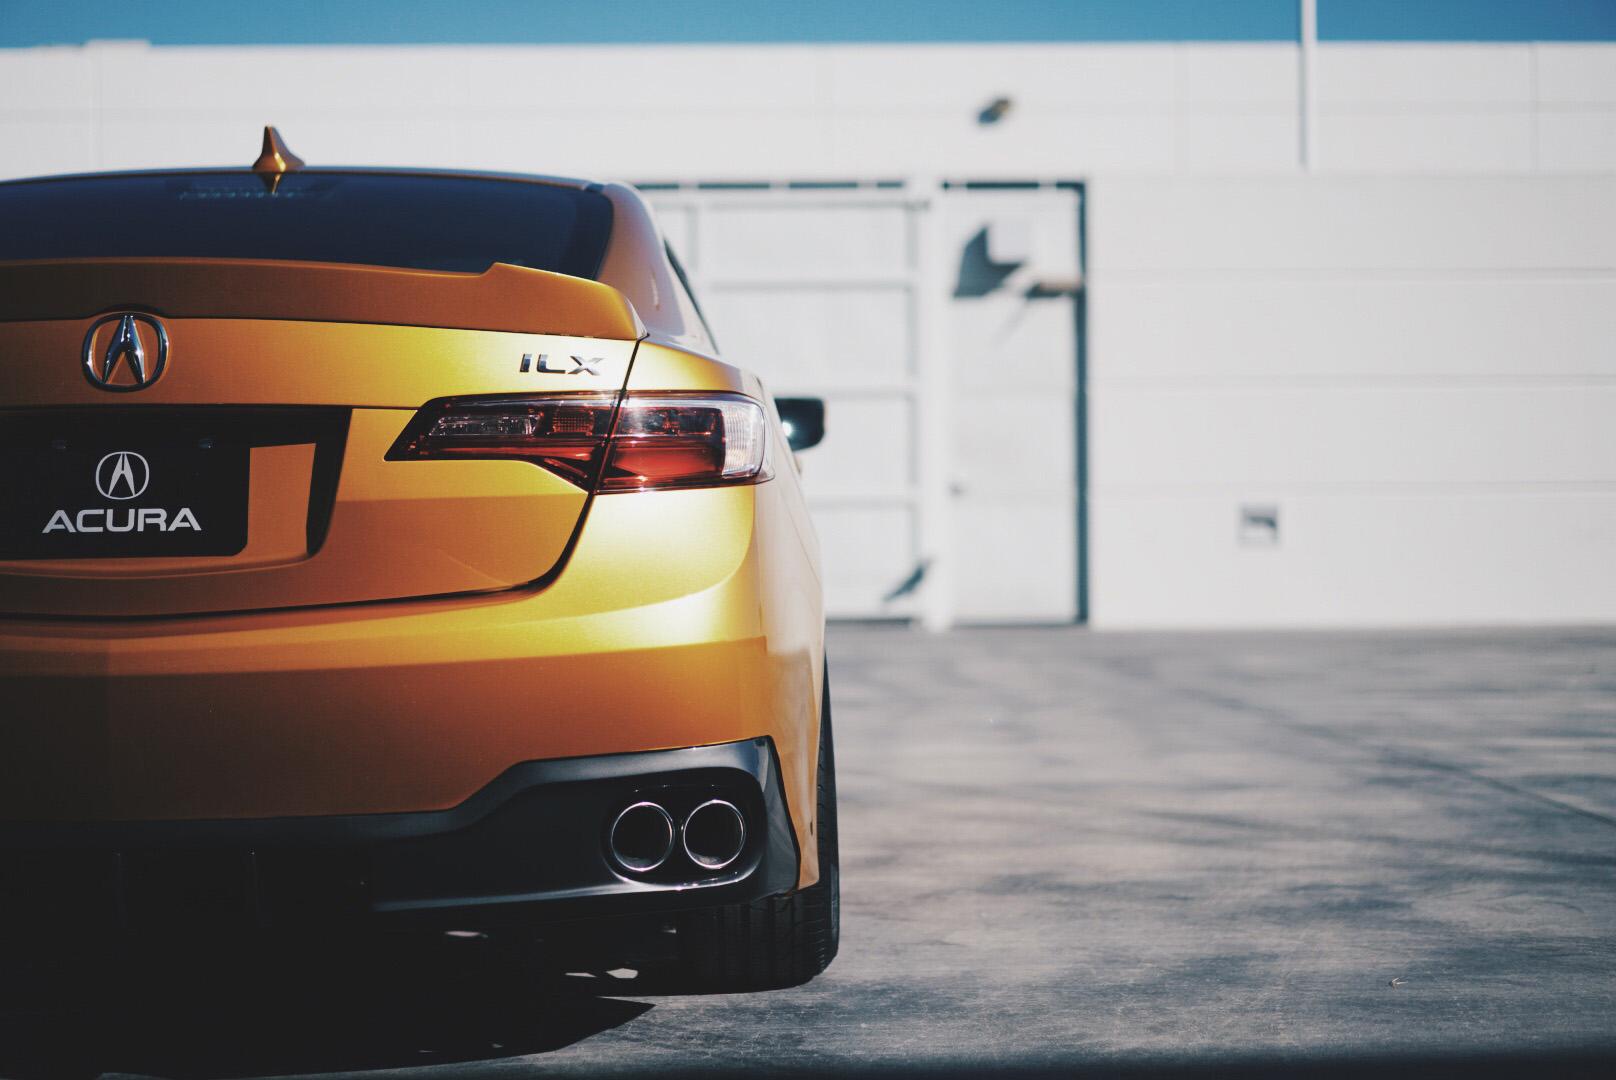 ACURA: 2016 Acura ILX SEMA